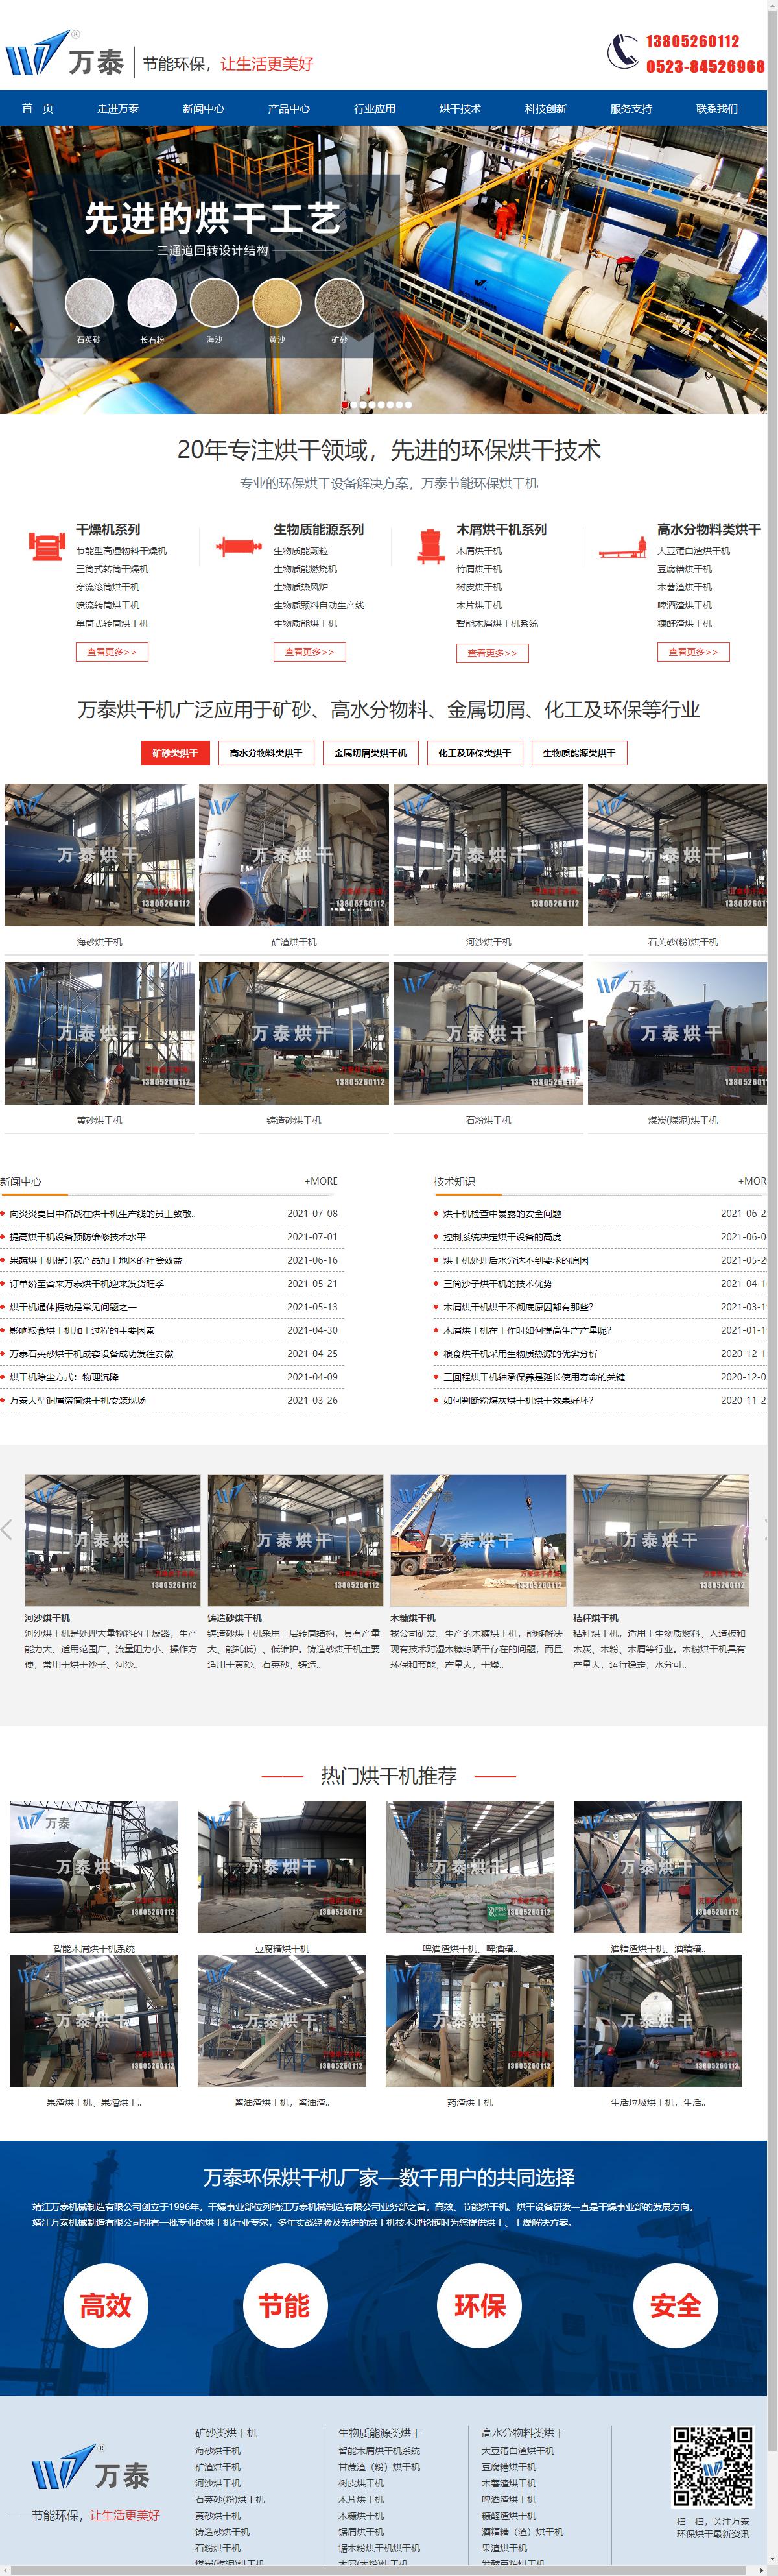 靖江万泰机械制造有限公司网站案例